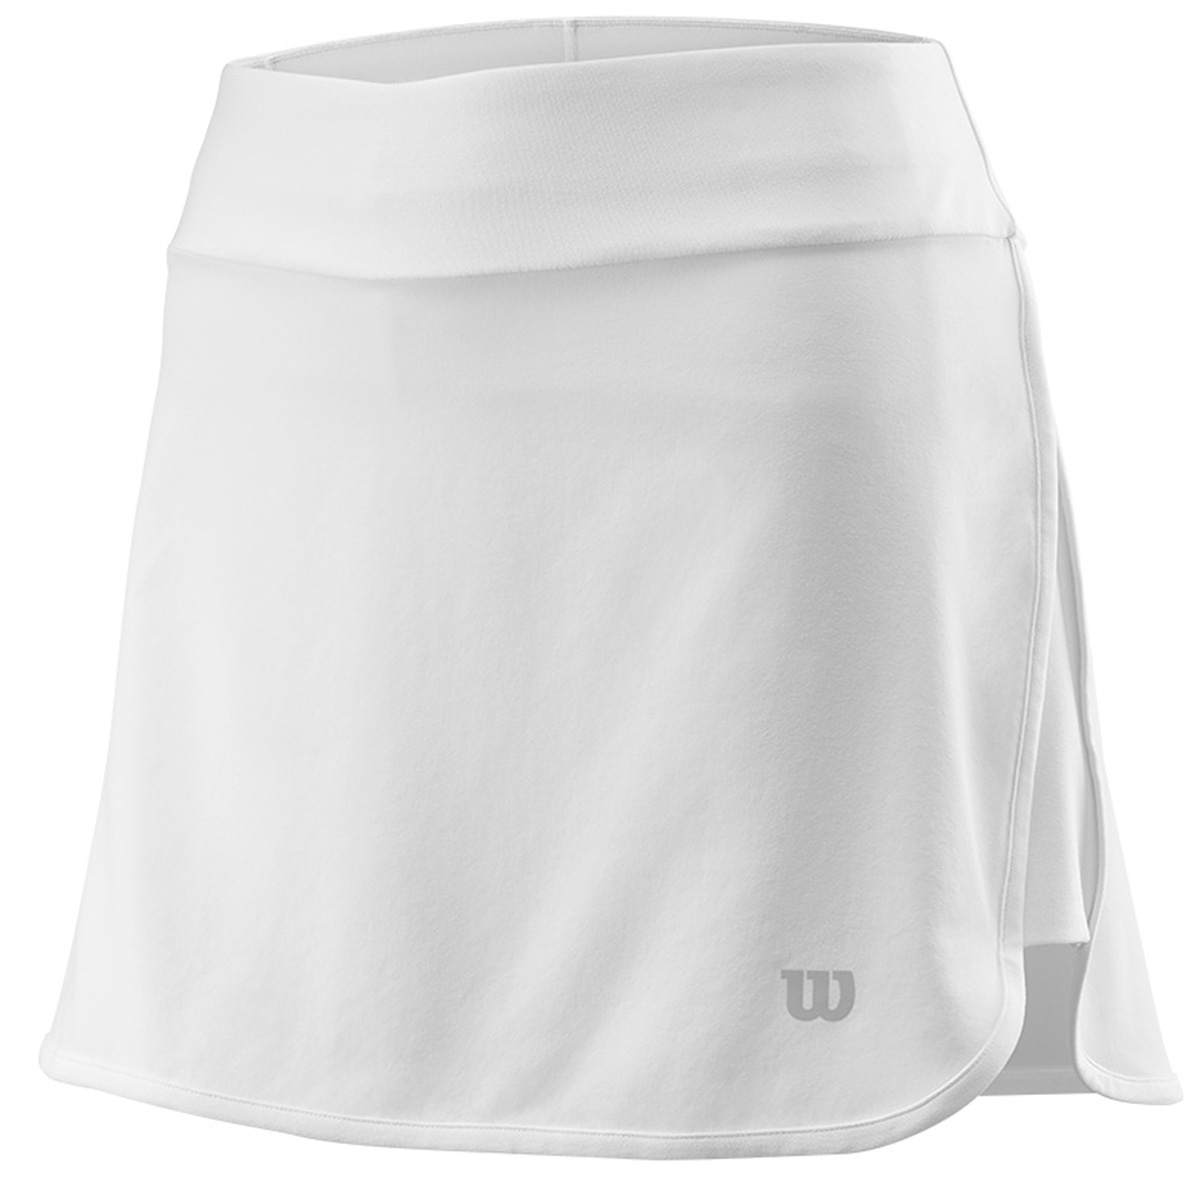 Юбка для тенниса Wilson Condition 13.5 Skirt, цвет: белый. WRA764402. Размер L (50)WRA764402Юбка для тенниса от Wilson выполнена из эластичного трикотажа. Модель с эластичной резинкой на талии.